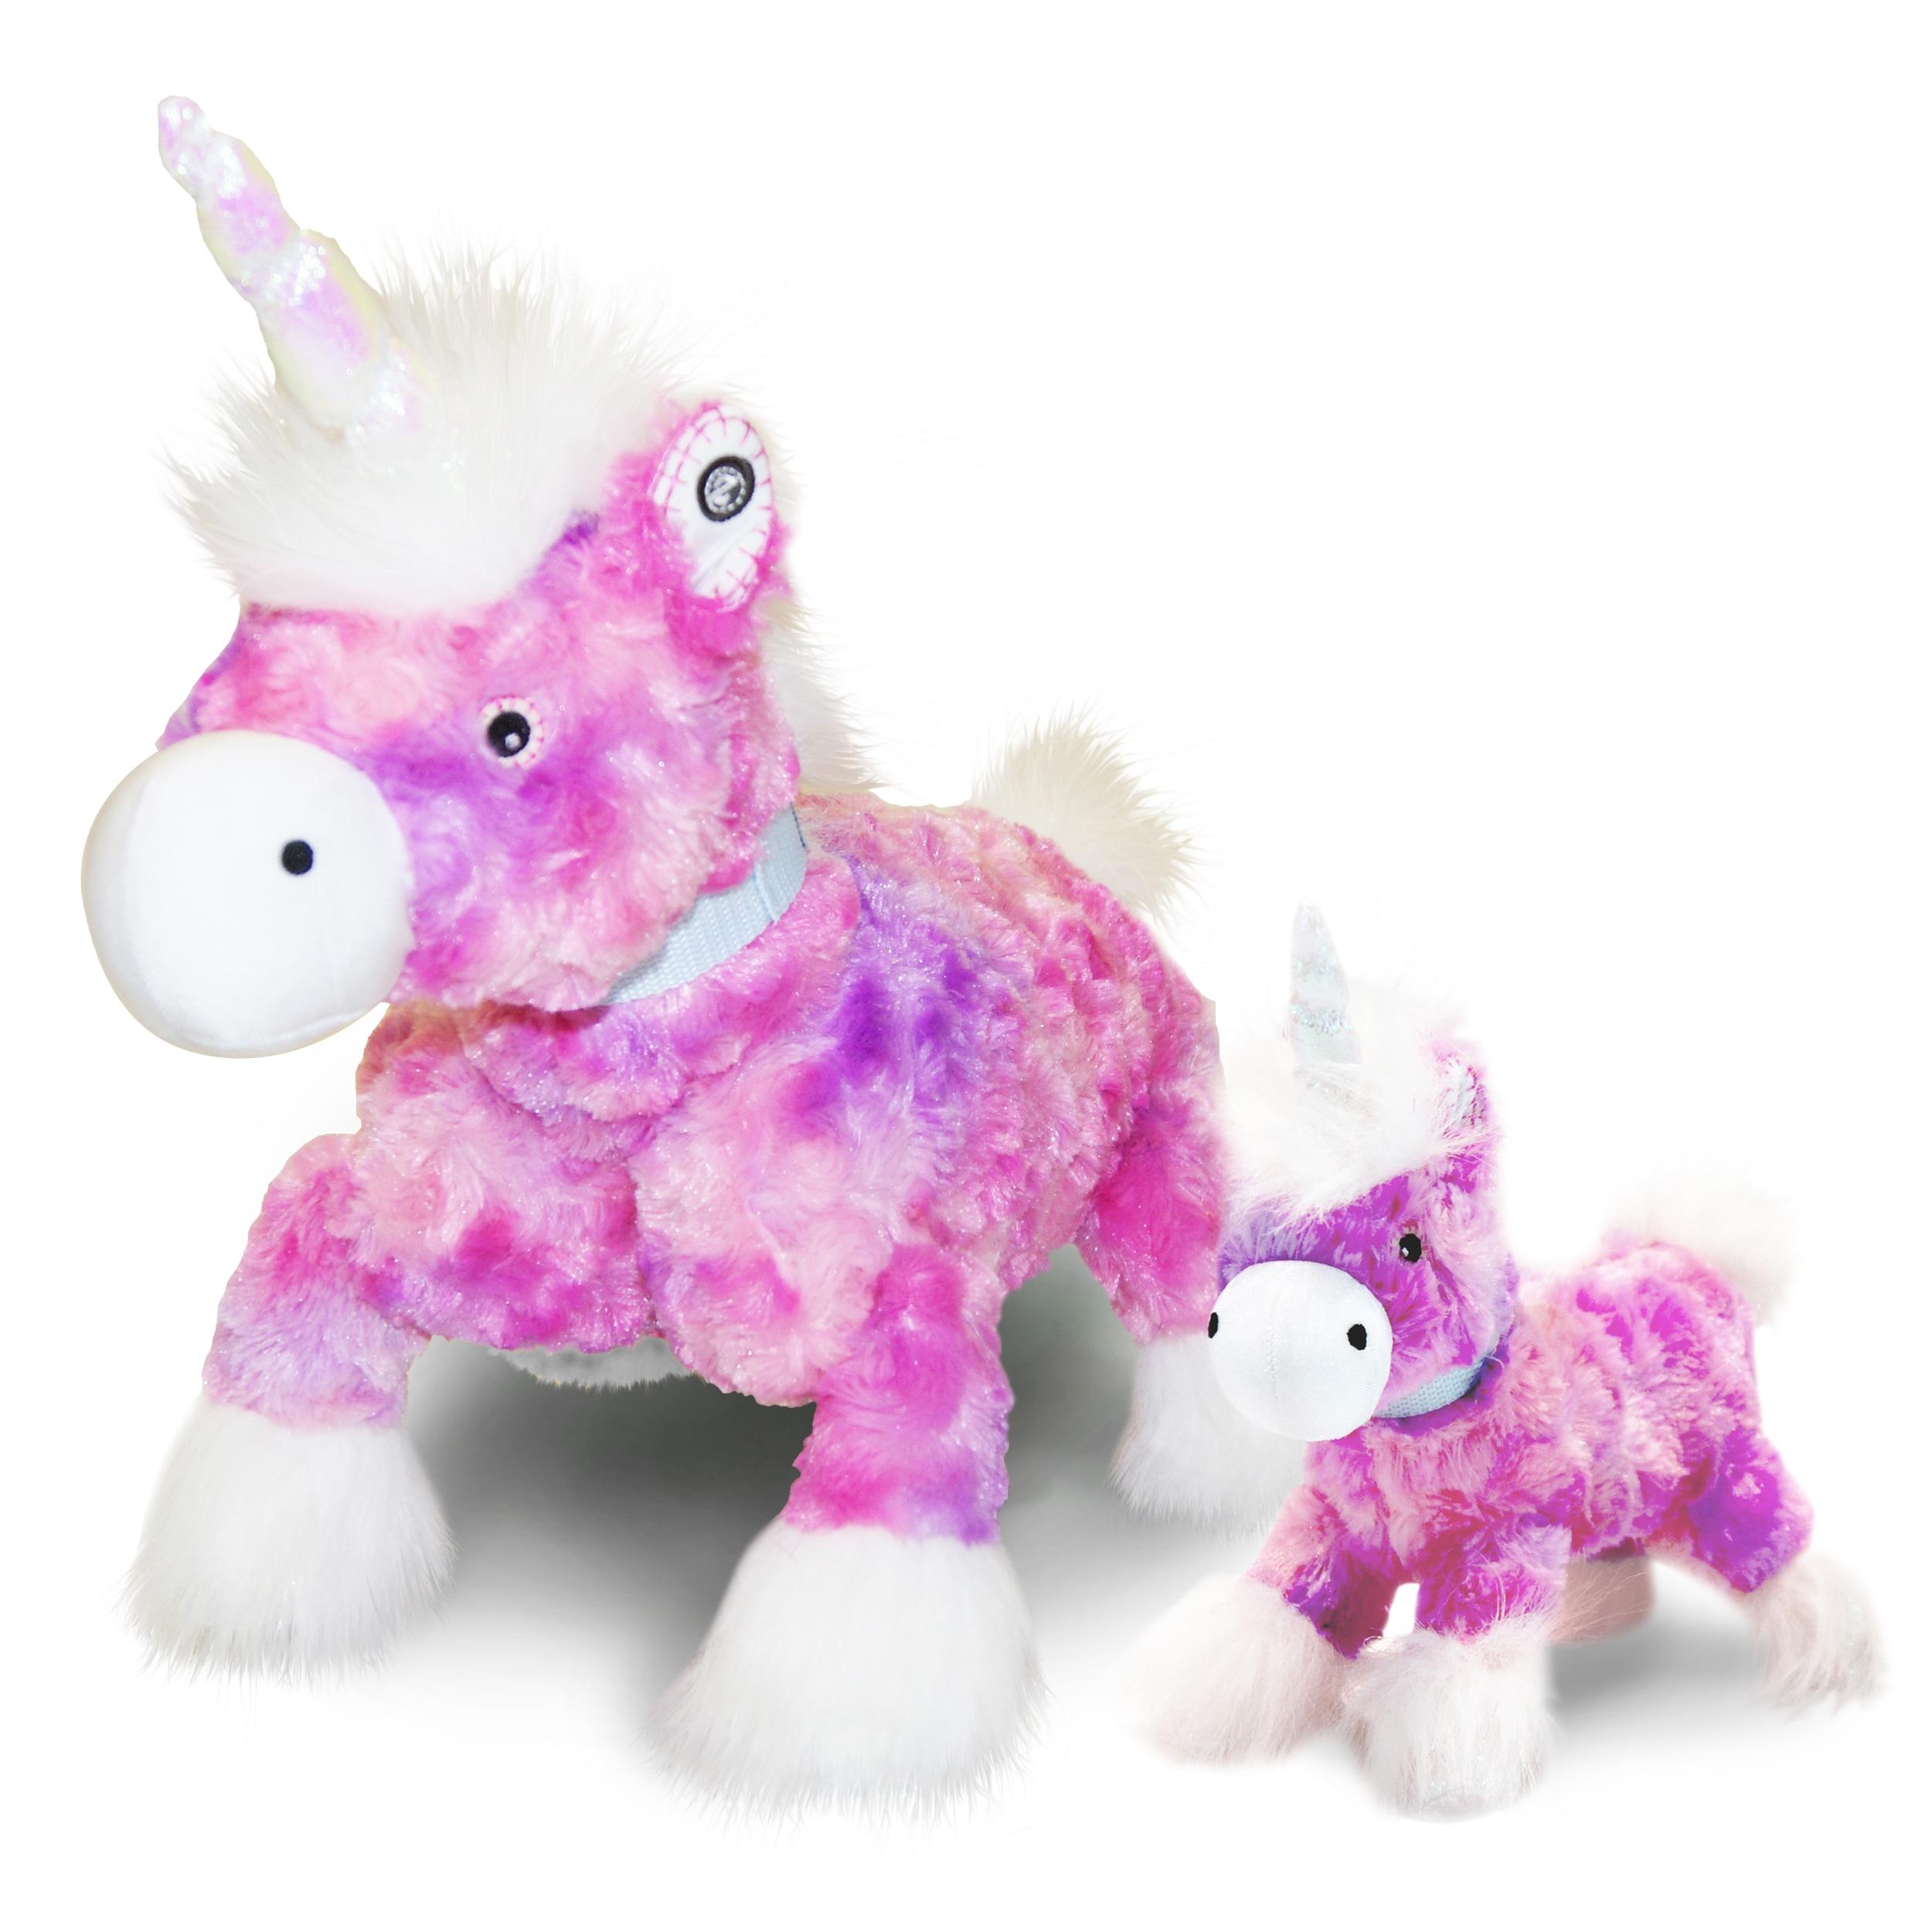 Zoobies 'Uriel the Unicorn' Plus Mini Plush Blanket Pet